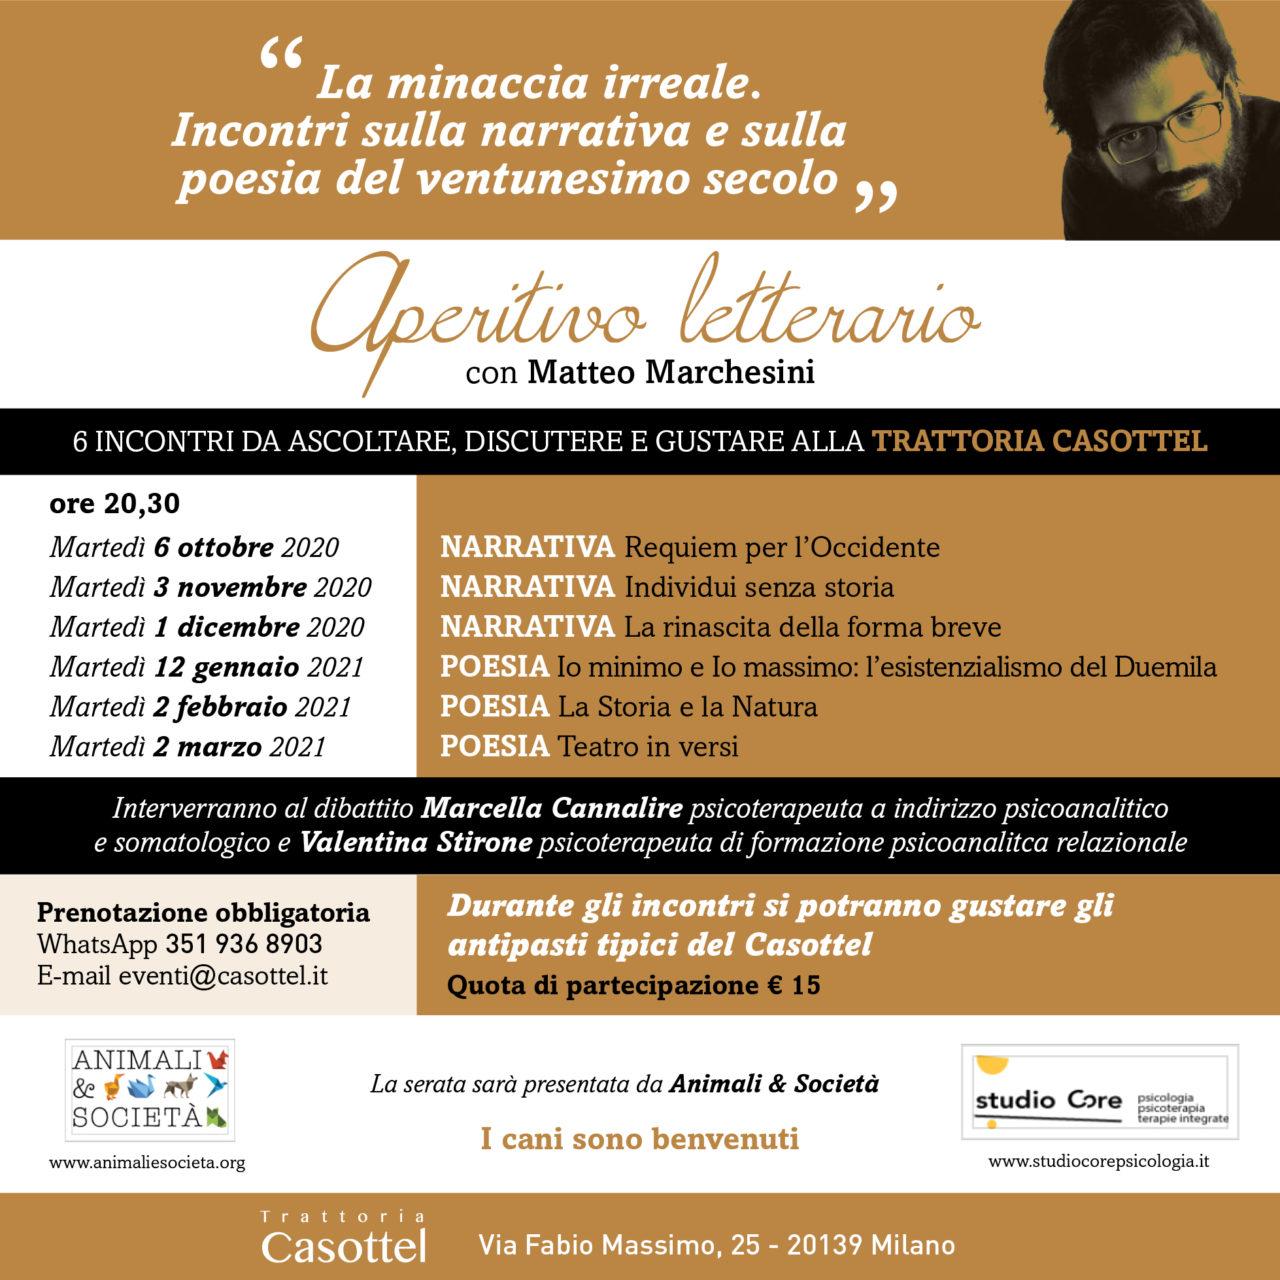 EVENTO LETTERAIO CASOTTEL